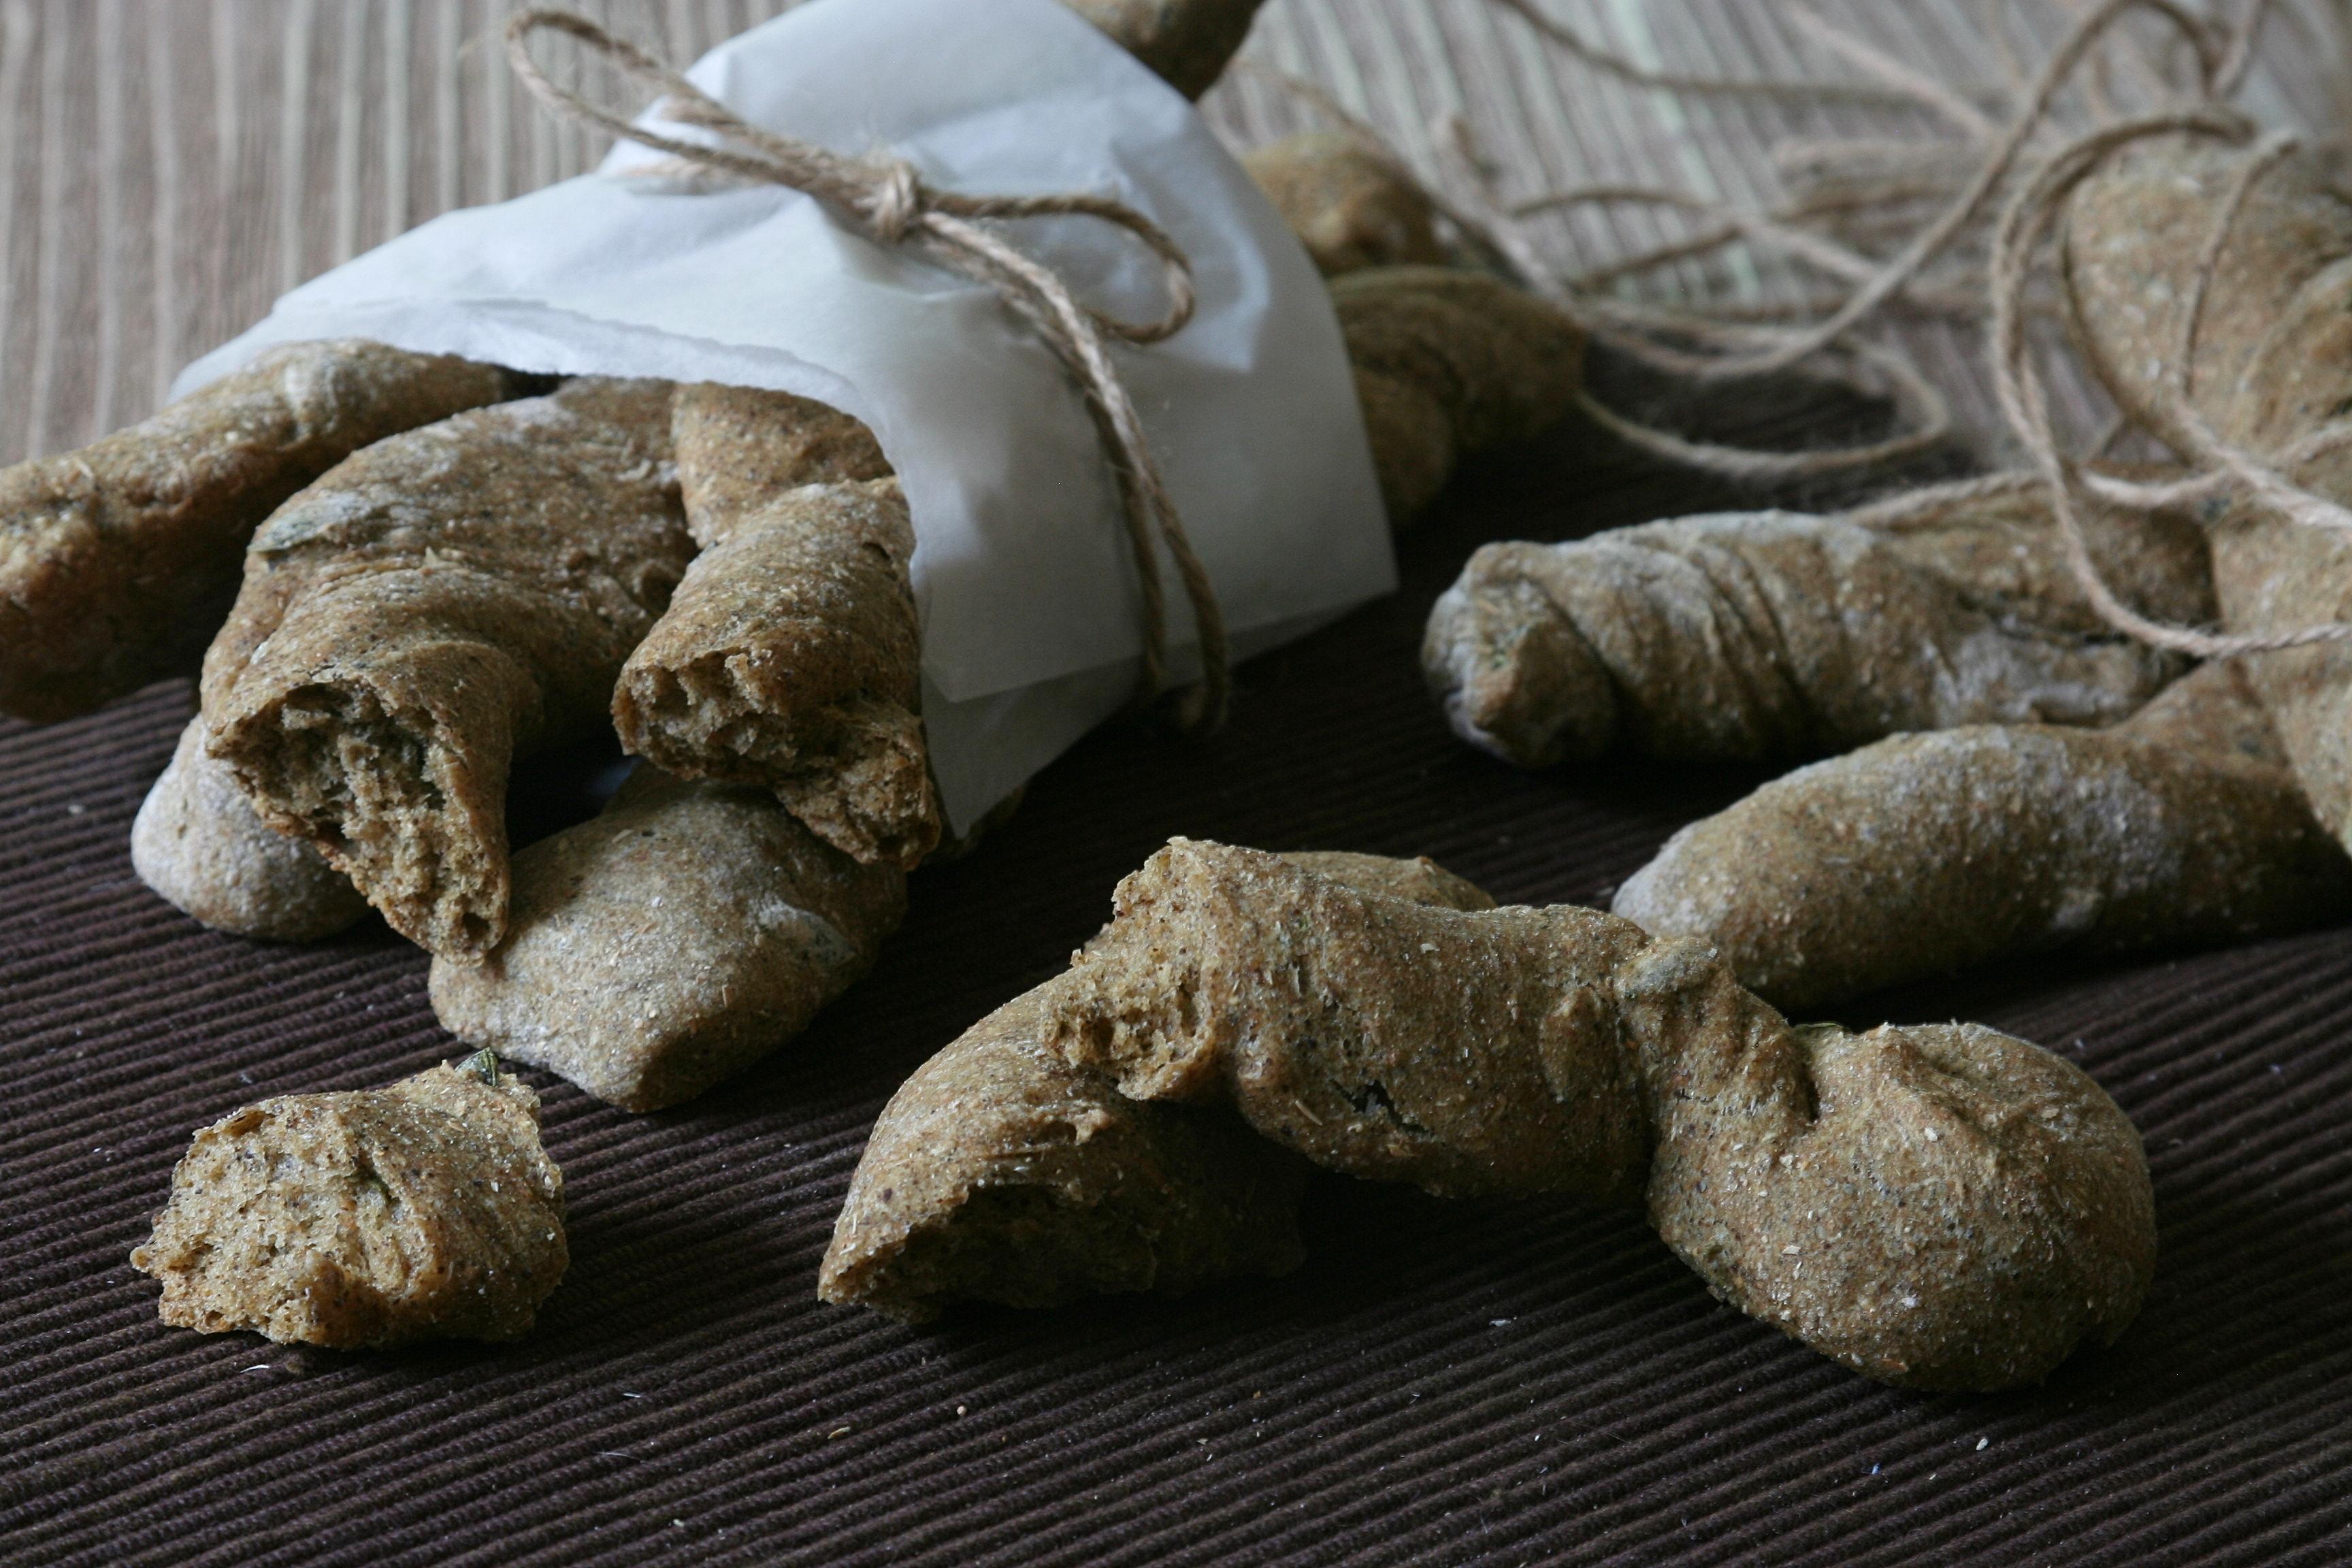 Špaldové twistery s konopnou moukou a dýňovými semínky